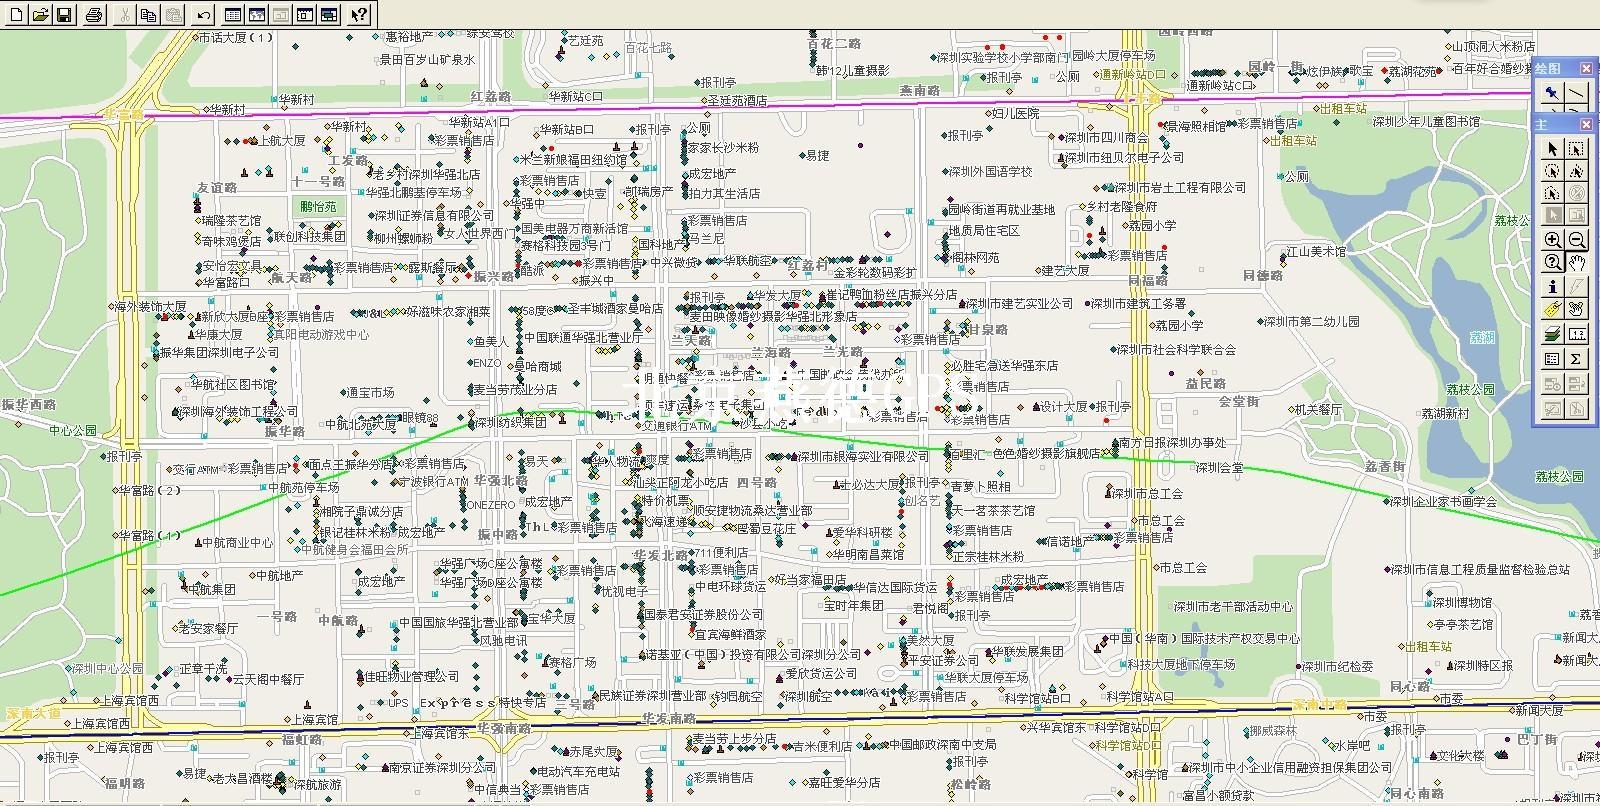 2013年深圳市电子地图